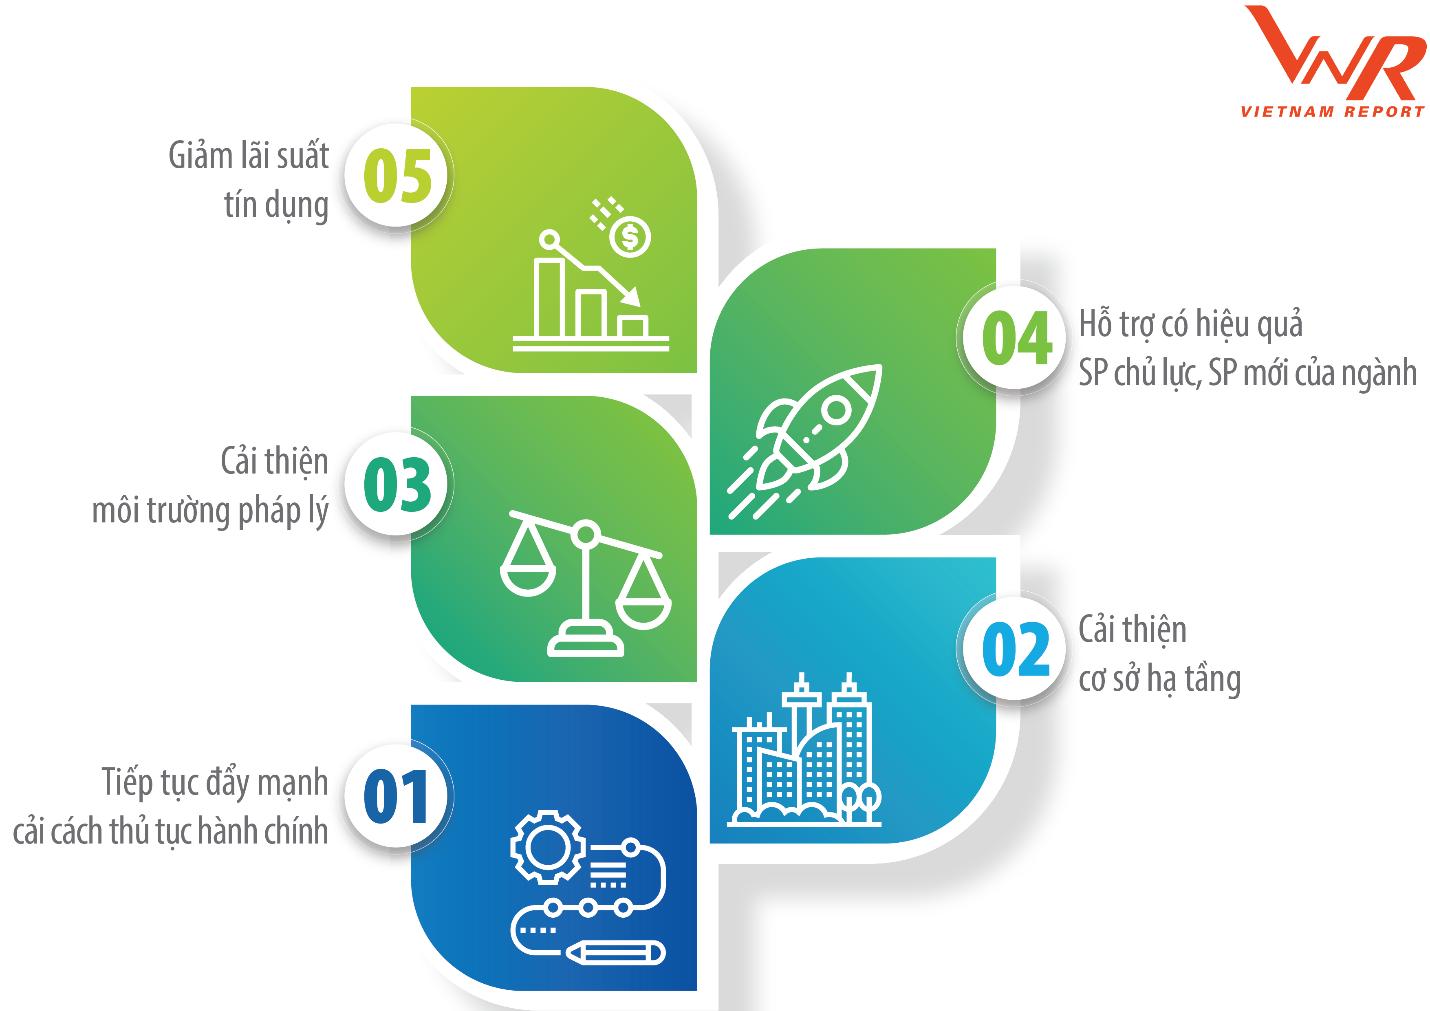 FAST500: Xếp hạng 500 Doanh nghiệp tăng trưởng nhanh nhất Việt Nam năm 2020